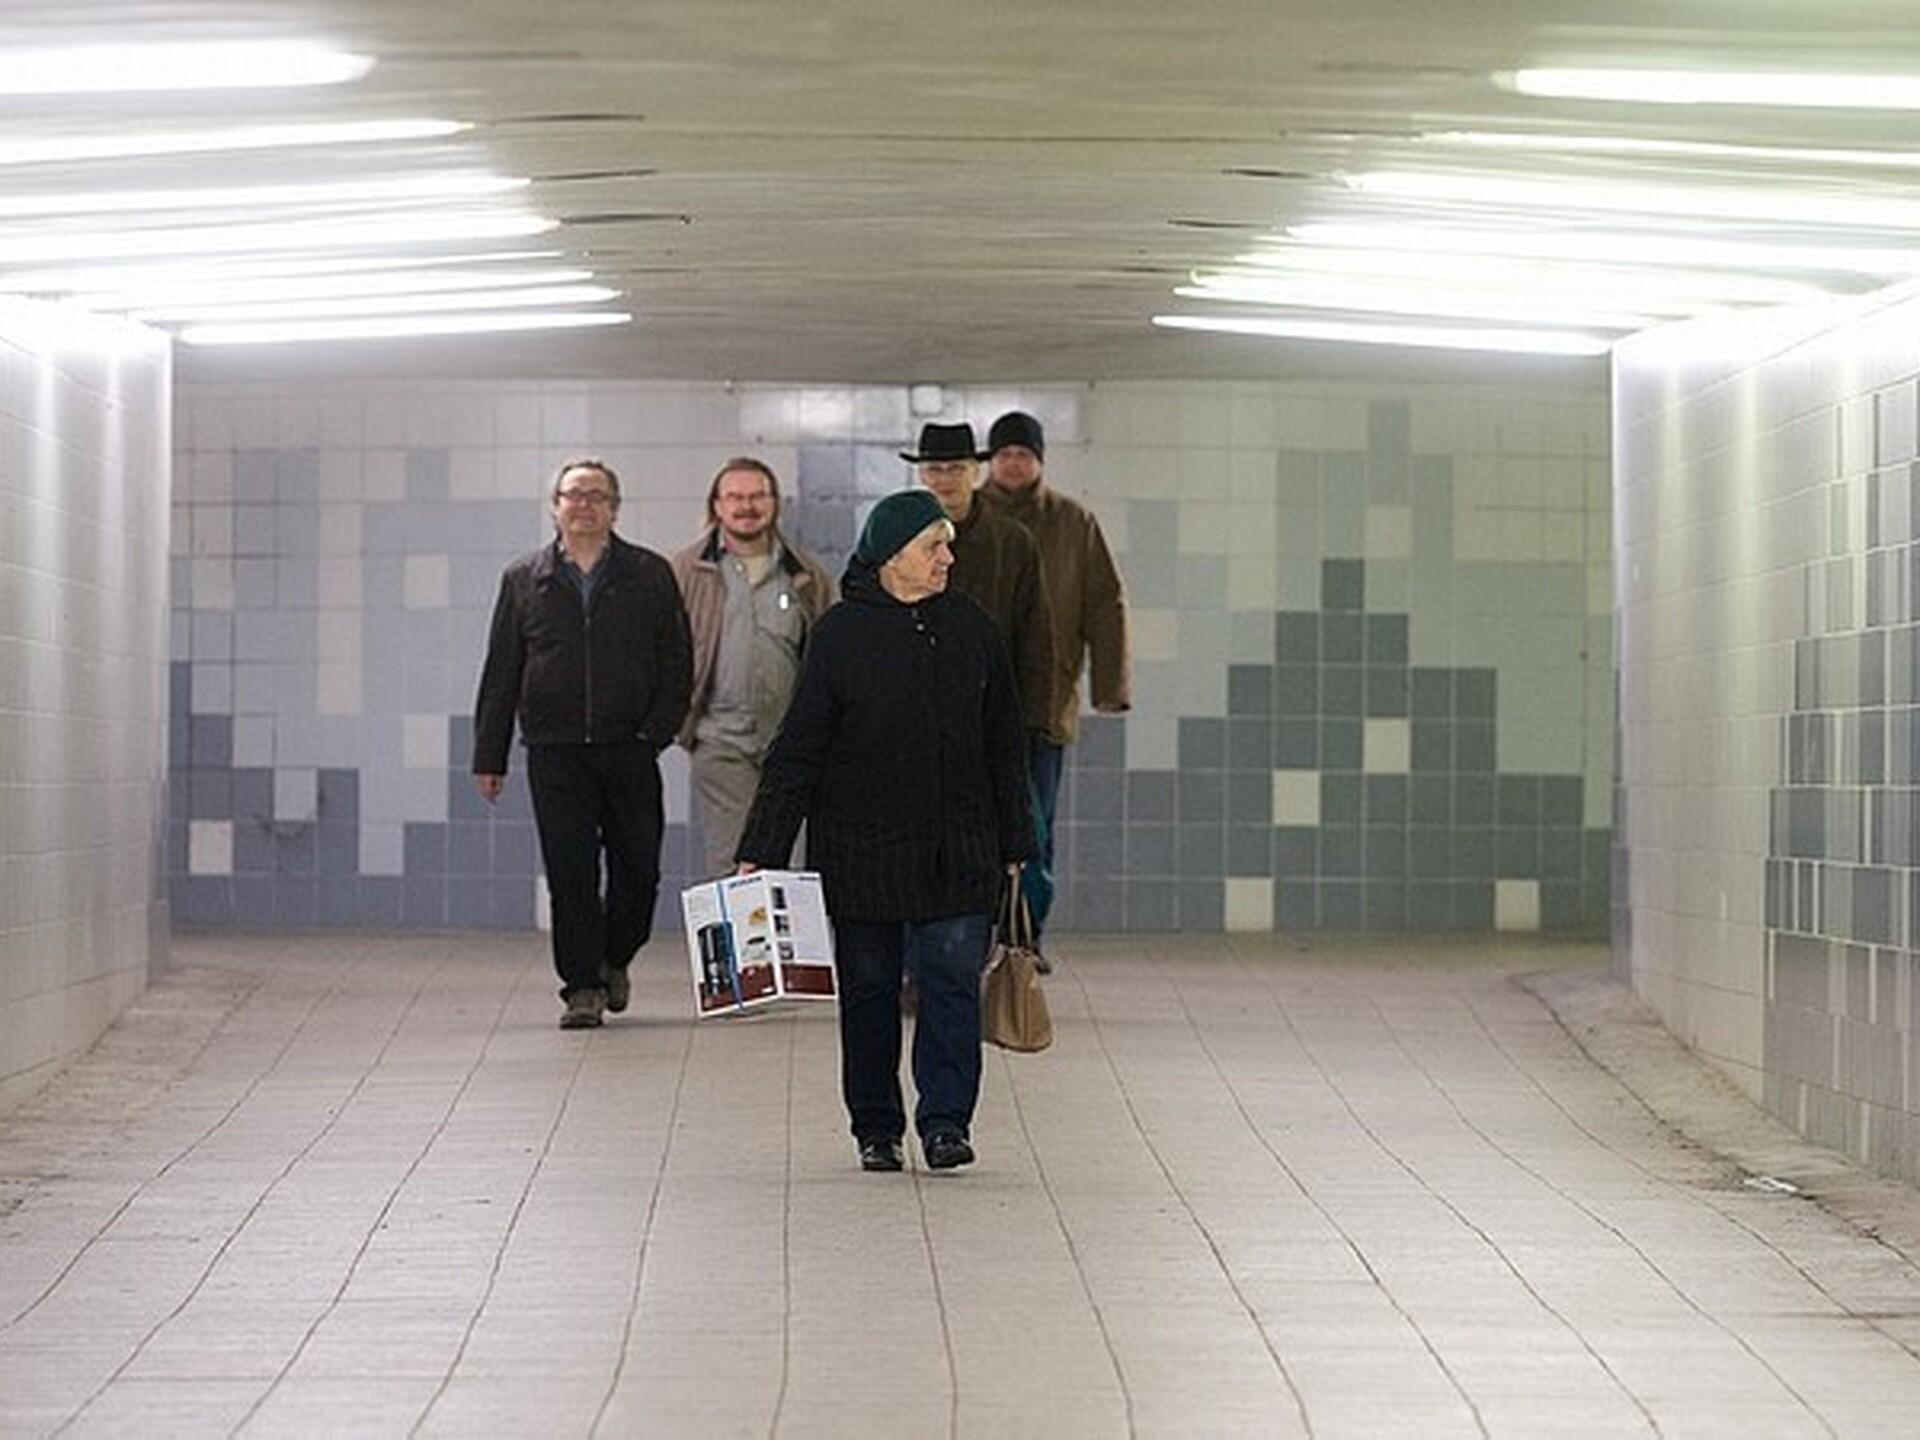 da9aeb3c4bd Balti jaama väljaku rajamise käigus võib jalakäijate tunnel kaduda | Eesti  | ERR